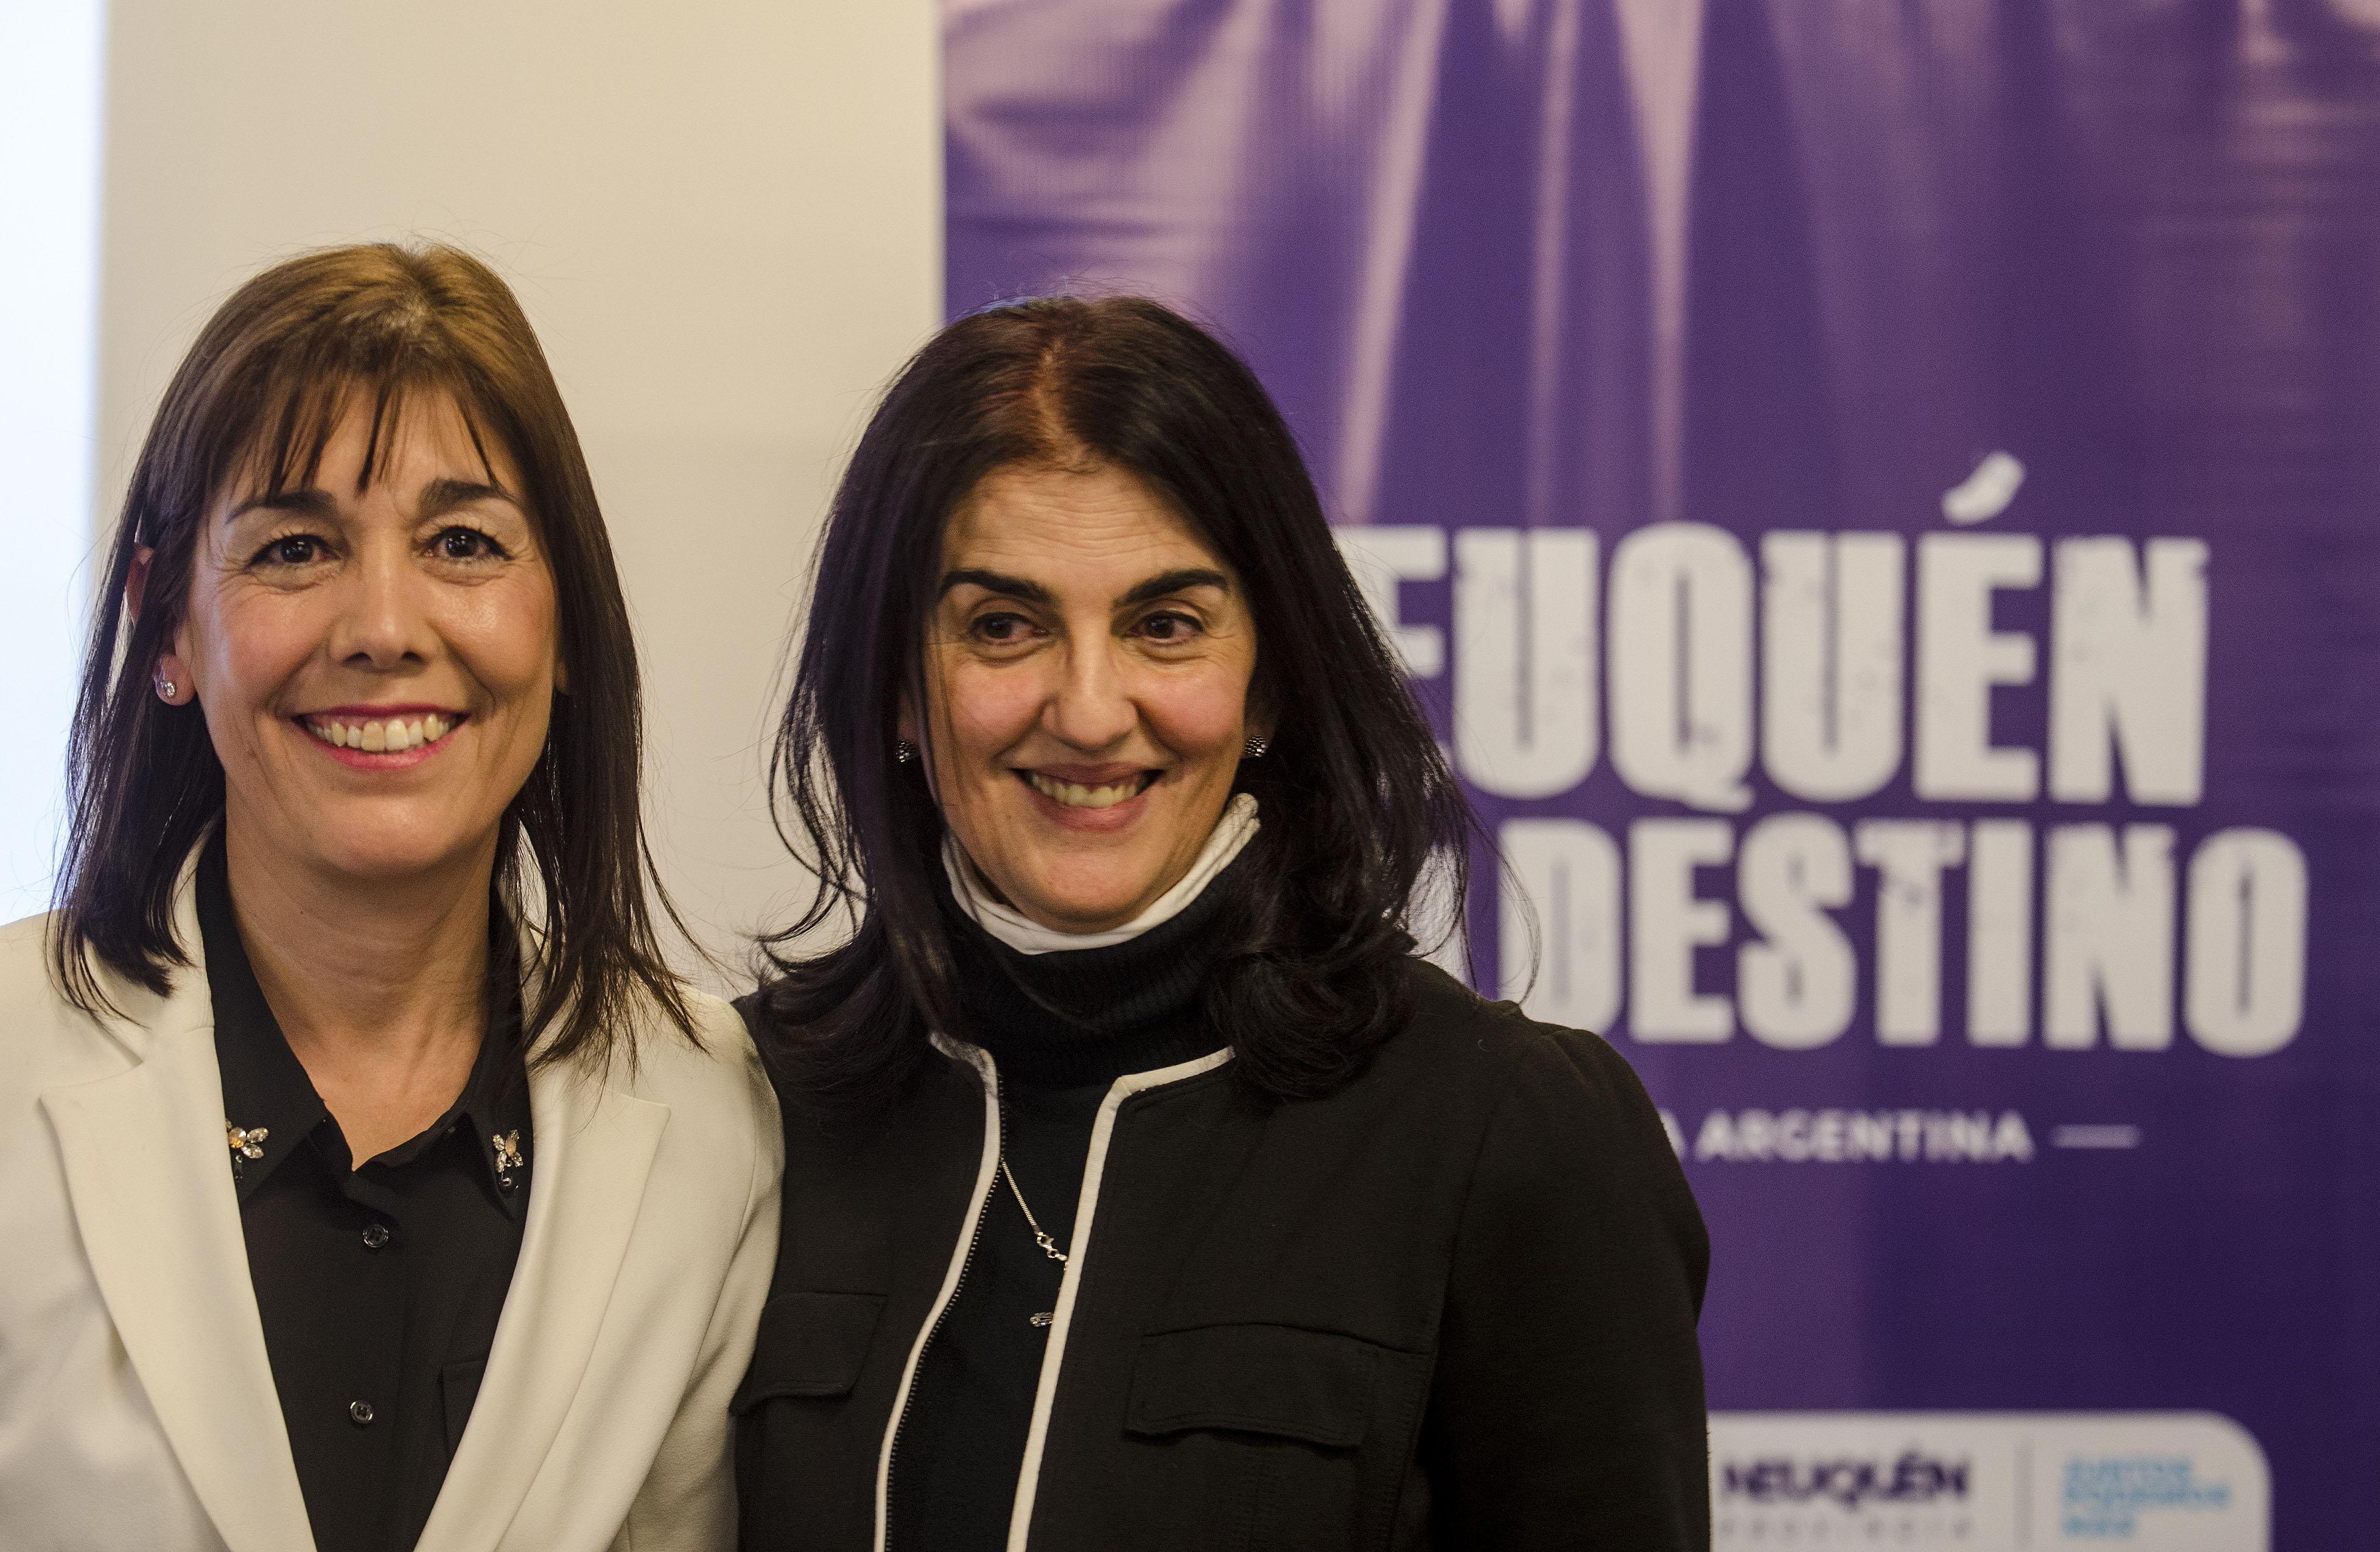 Soledad Urtubey destacó el potencial del turismo de reuniones de Neuquén